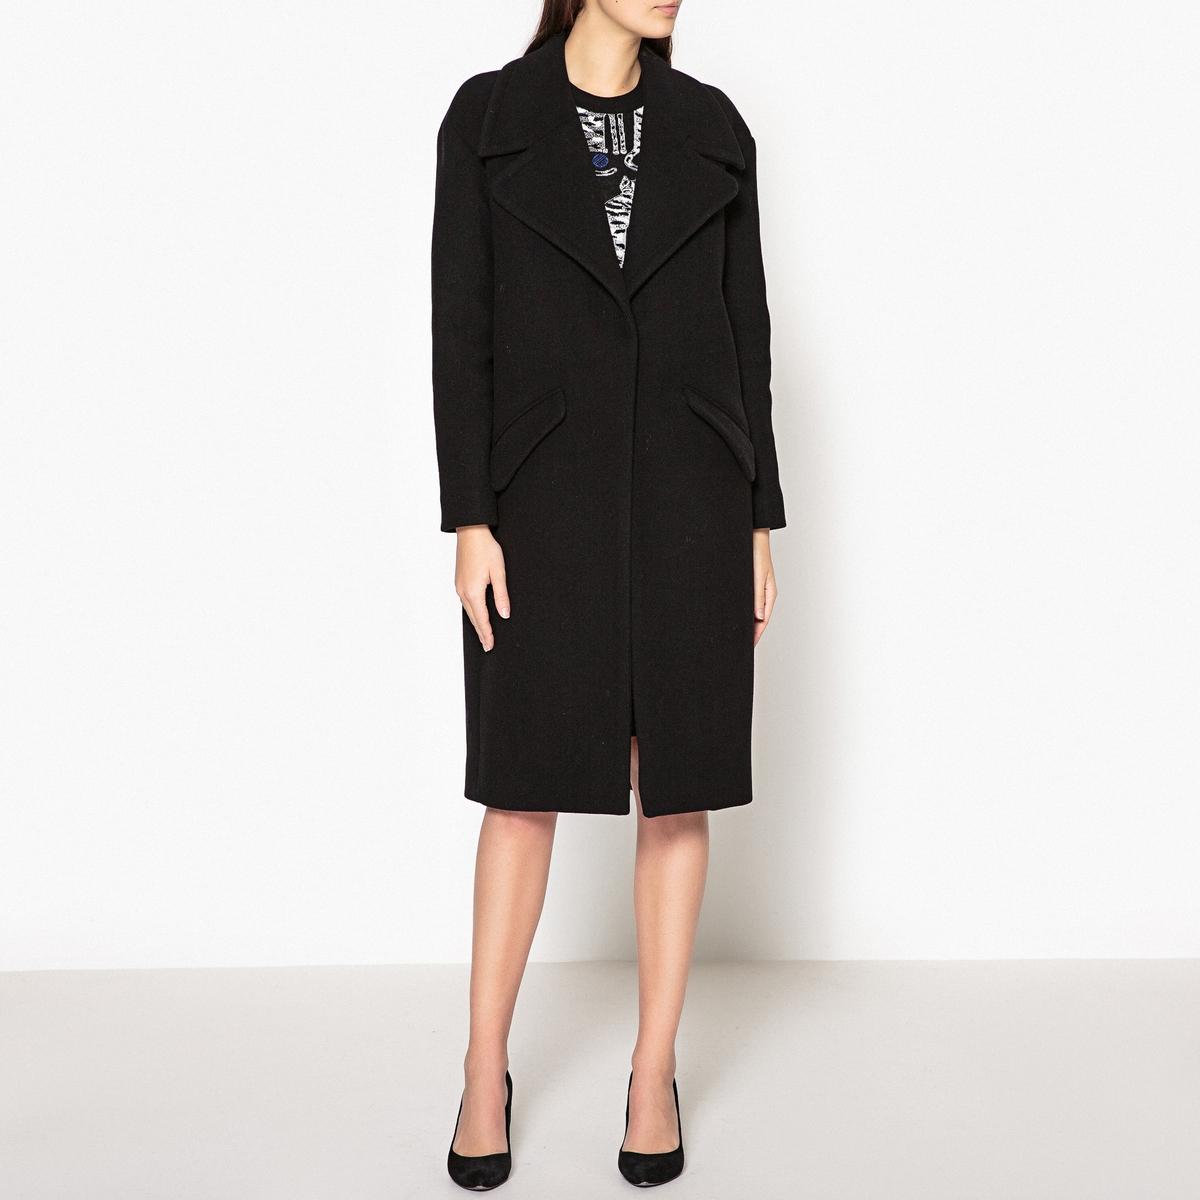 Пальто удлинённое WOMANОписание:Пальто удлинённое BA&amp;SH - модель WOMAN с большим стоячим воротником и накладными карманами.Детали •  Длина  : удлиненная модель •  Шалевый воротник • Застежка на пуговицыСостав и уход •  75% шерсти, 25% полиамида •  Следуйте советам по уходу, указанным на этикетке   •  Прорезь сзади<br><br>Цвет: черный<br>Размер: L